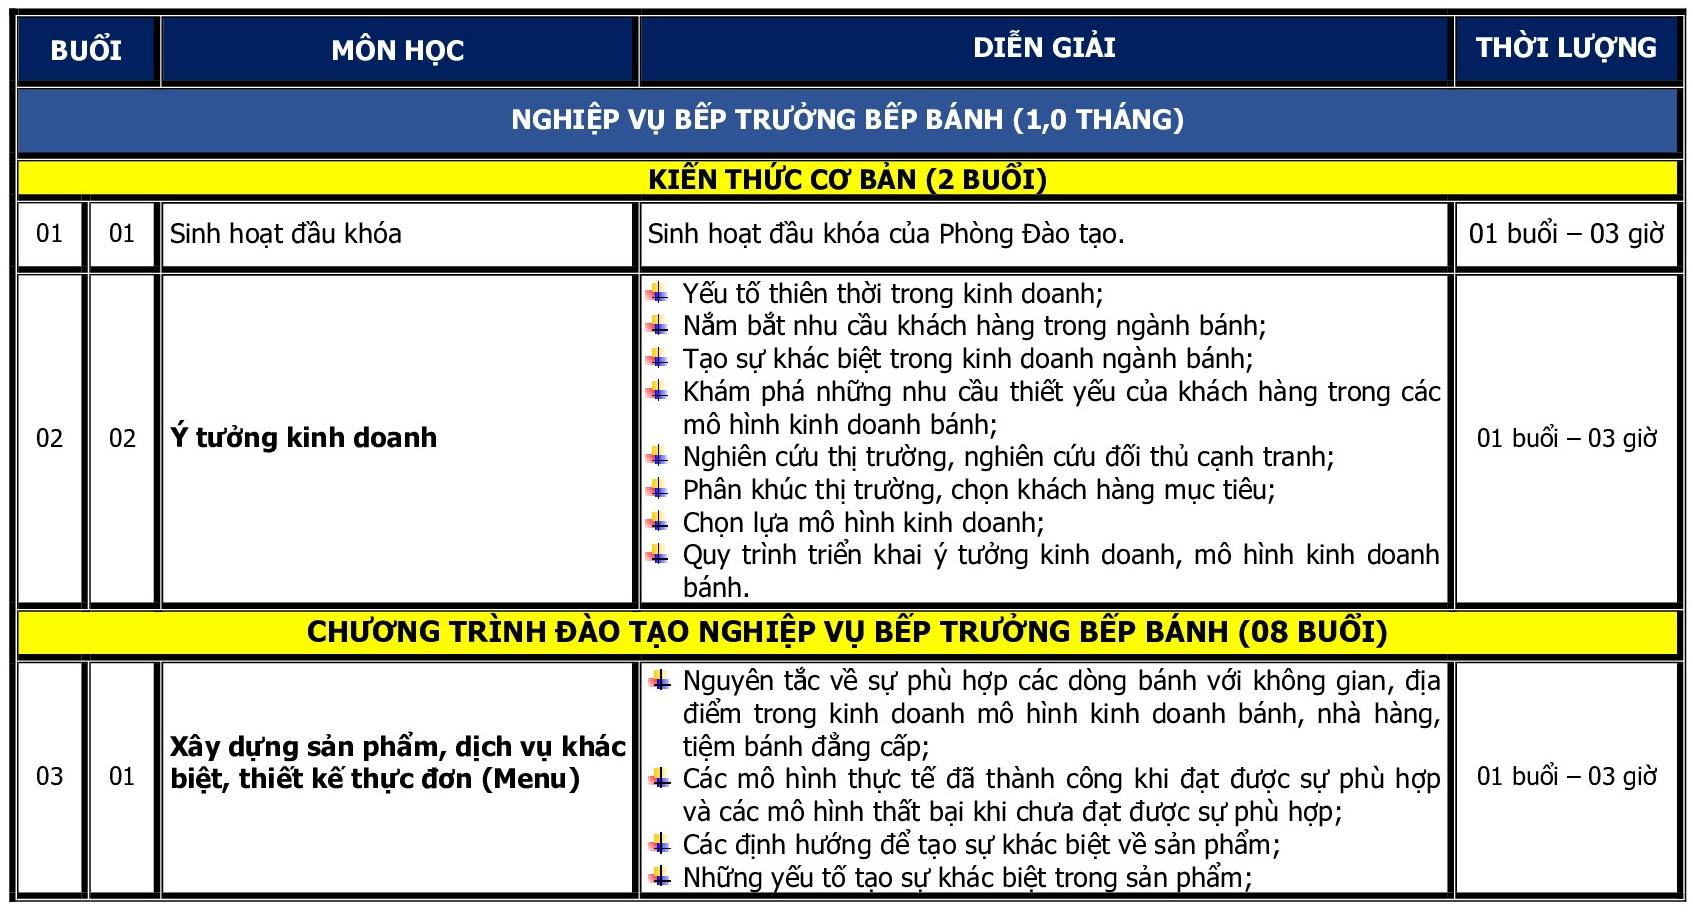 CT DAO TAO NGHIE VU BEP TRUONG BEP BANH_p001